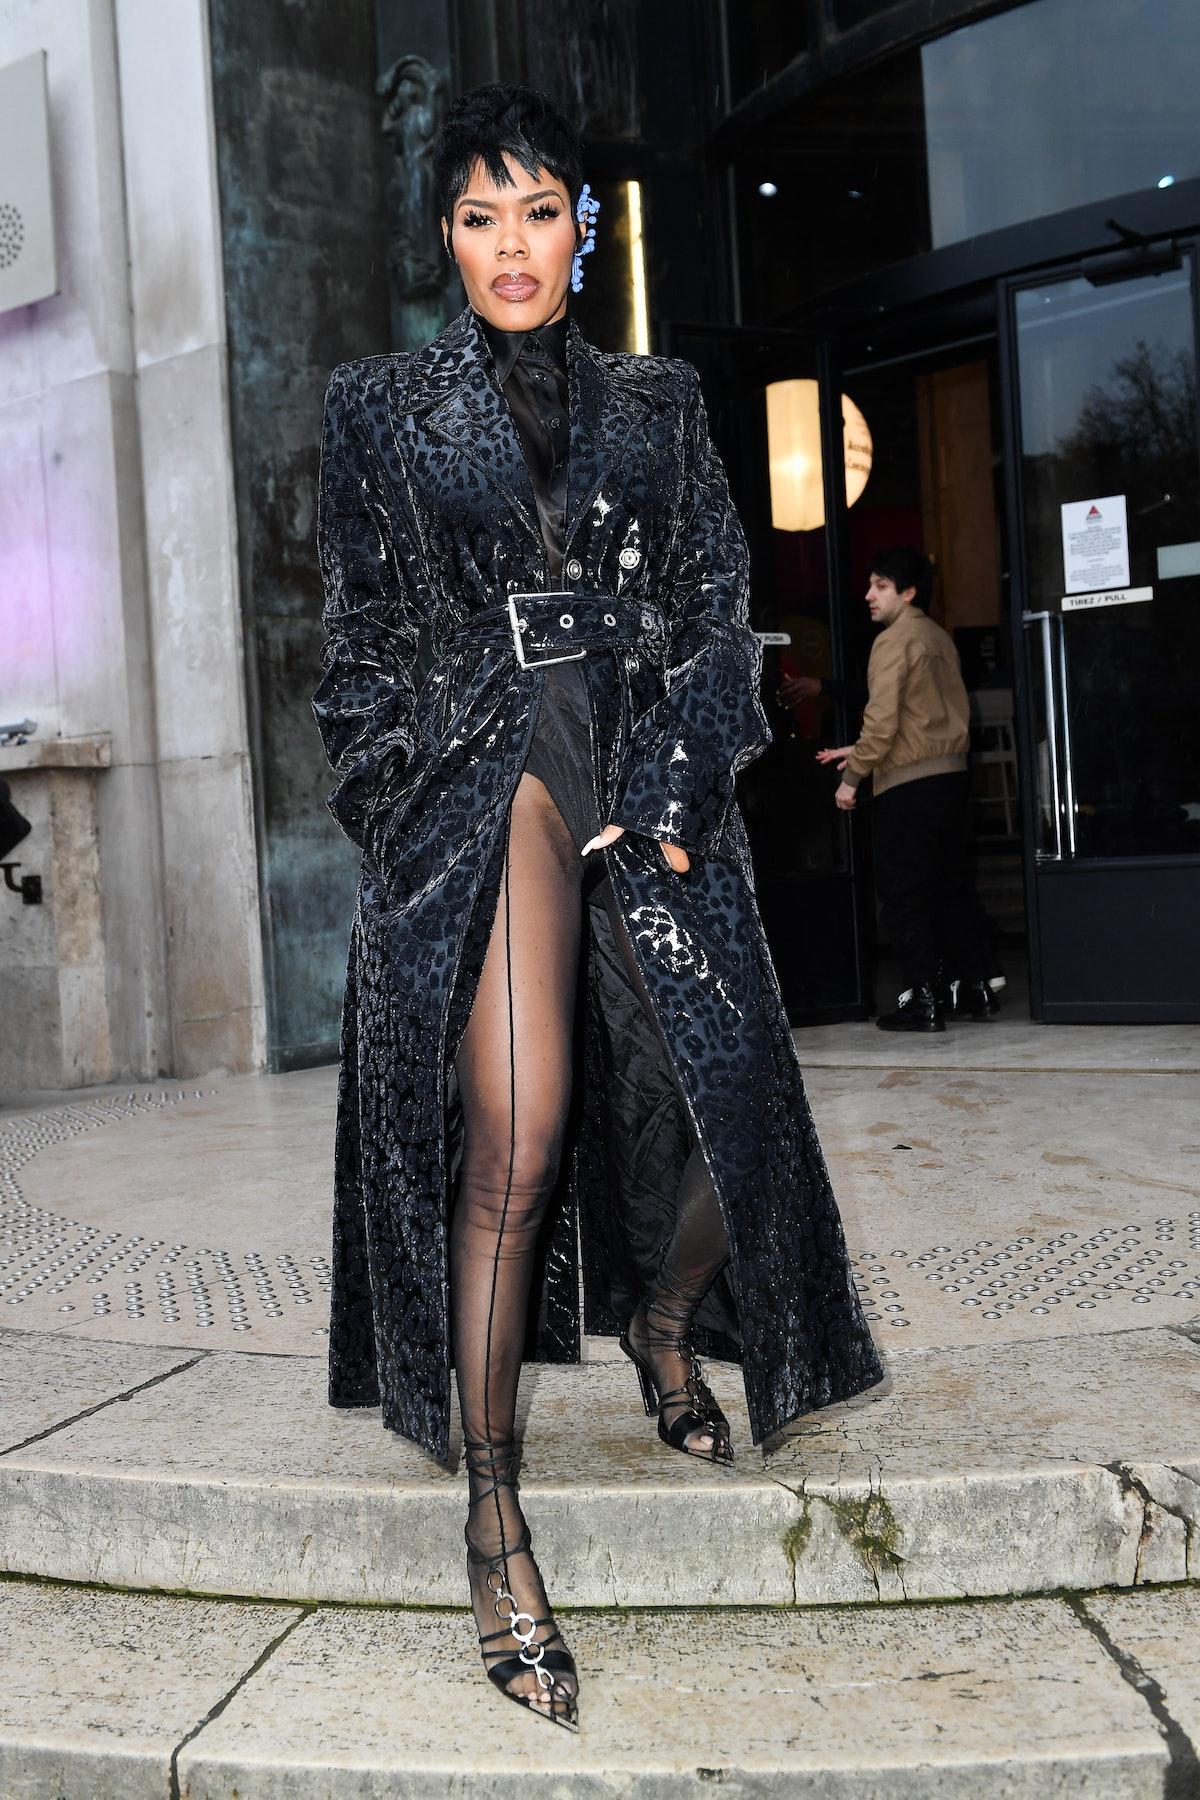 تیانا تیلور به عنوان بخشی از هفته مد لباس پاریس در پاییز/زمستان 2020/در نمایشگاه موگلر شرکت می کند ...